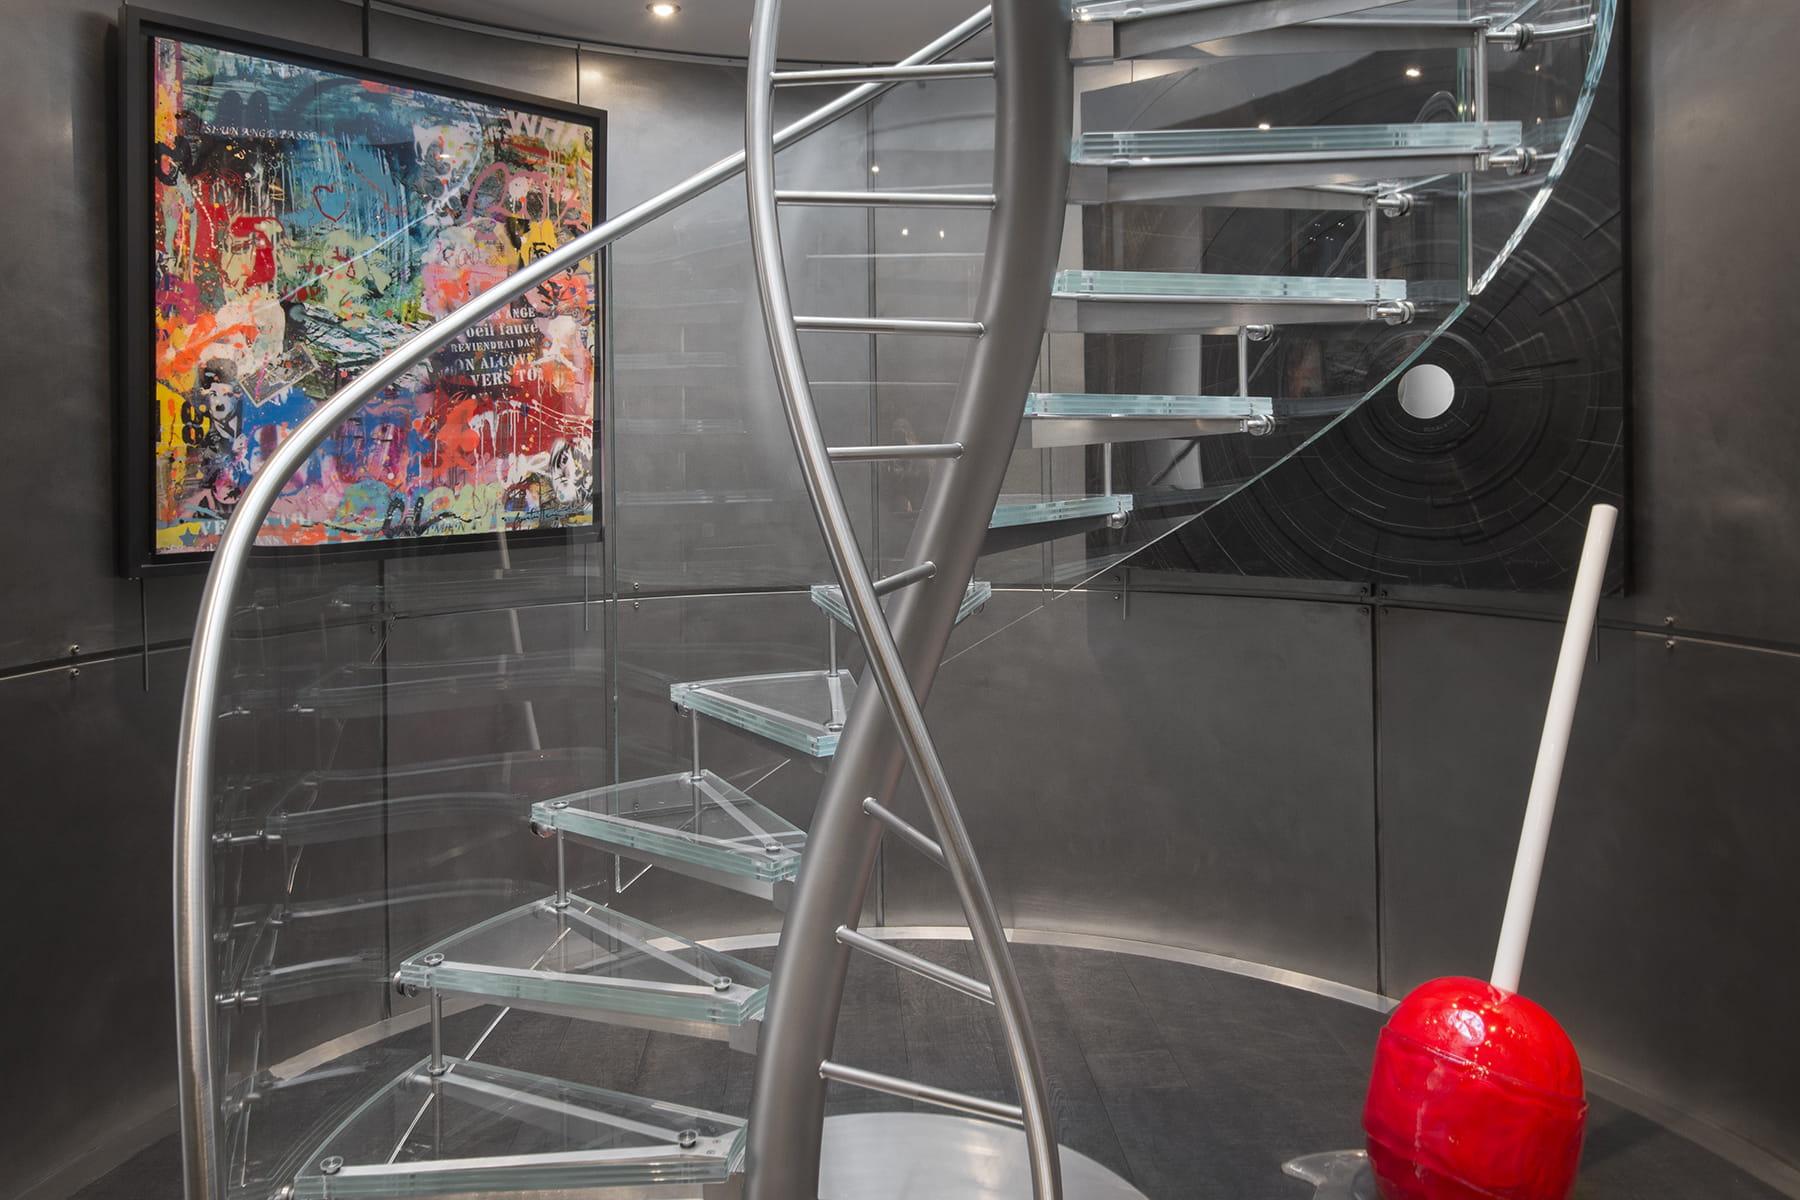 un escalier central l gant des escaliers tonnants qu 39 on aimerait avoir chez soi linternaute. Black Bedroom Furniture Sets. Home Design Ideas